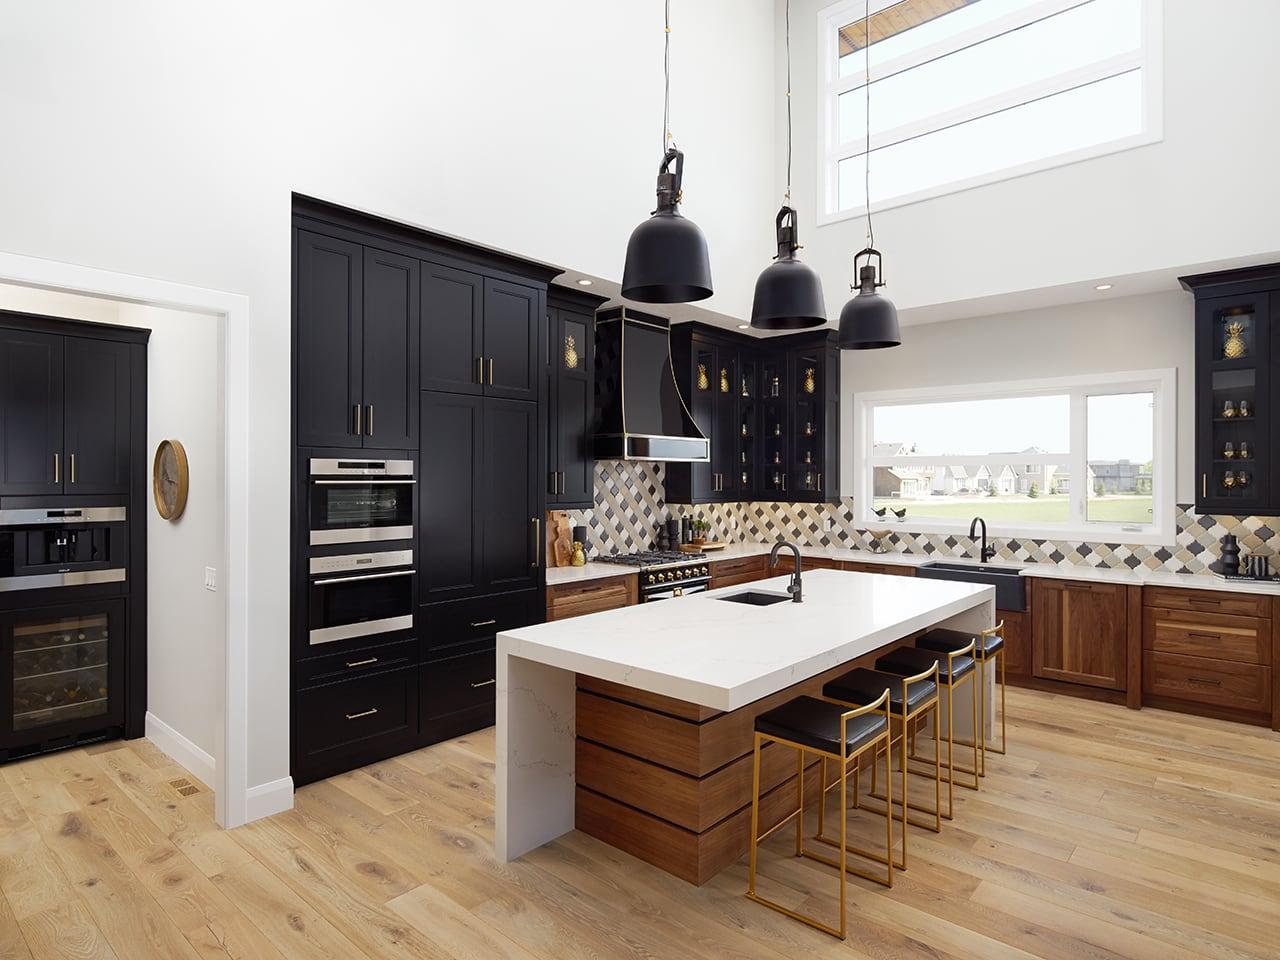 63 Loft Kitchen Design Amp Decor Ideas Industrial Urban